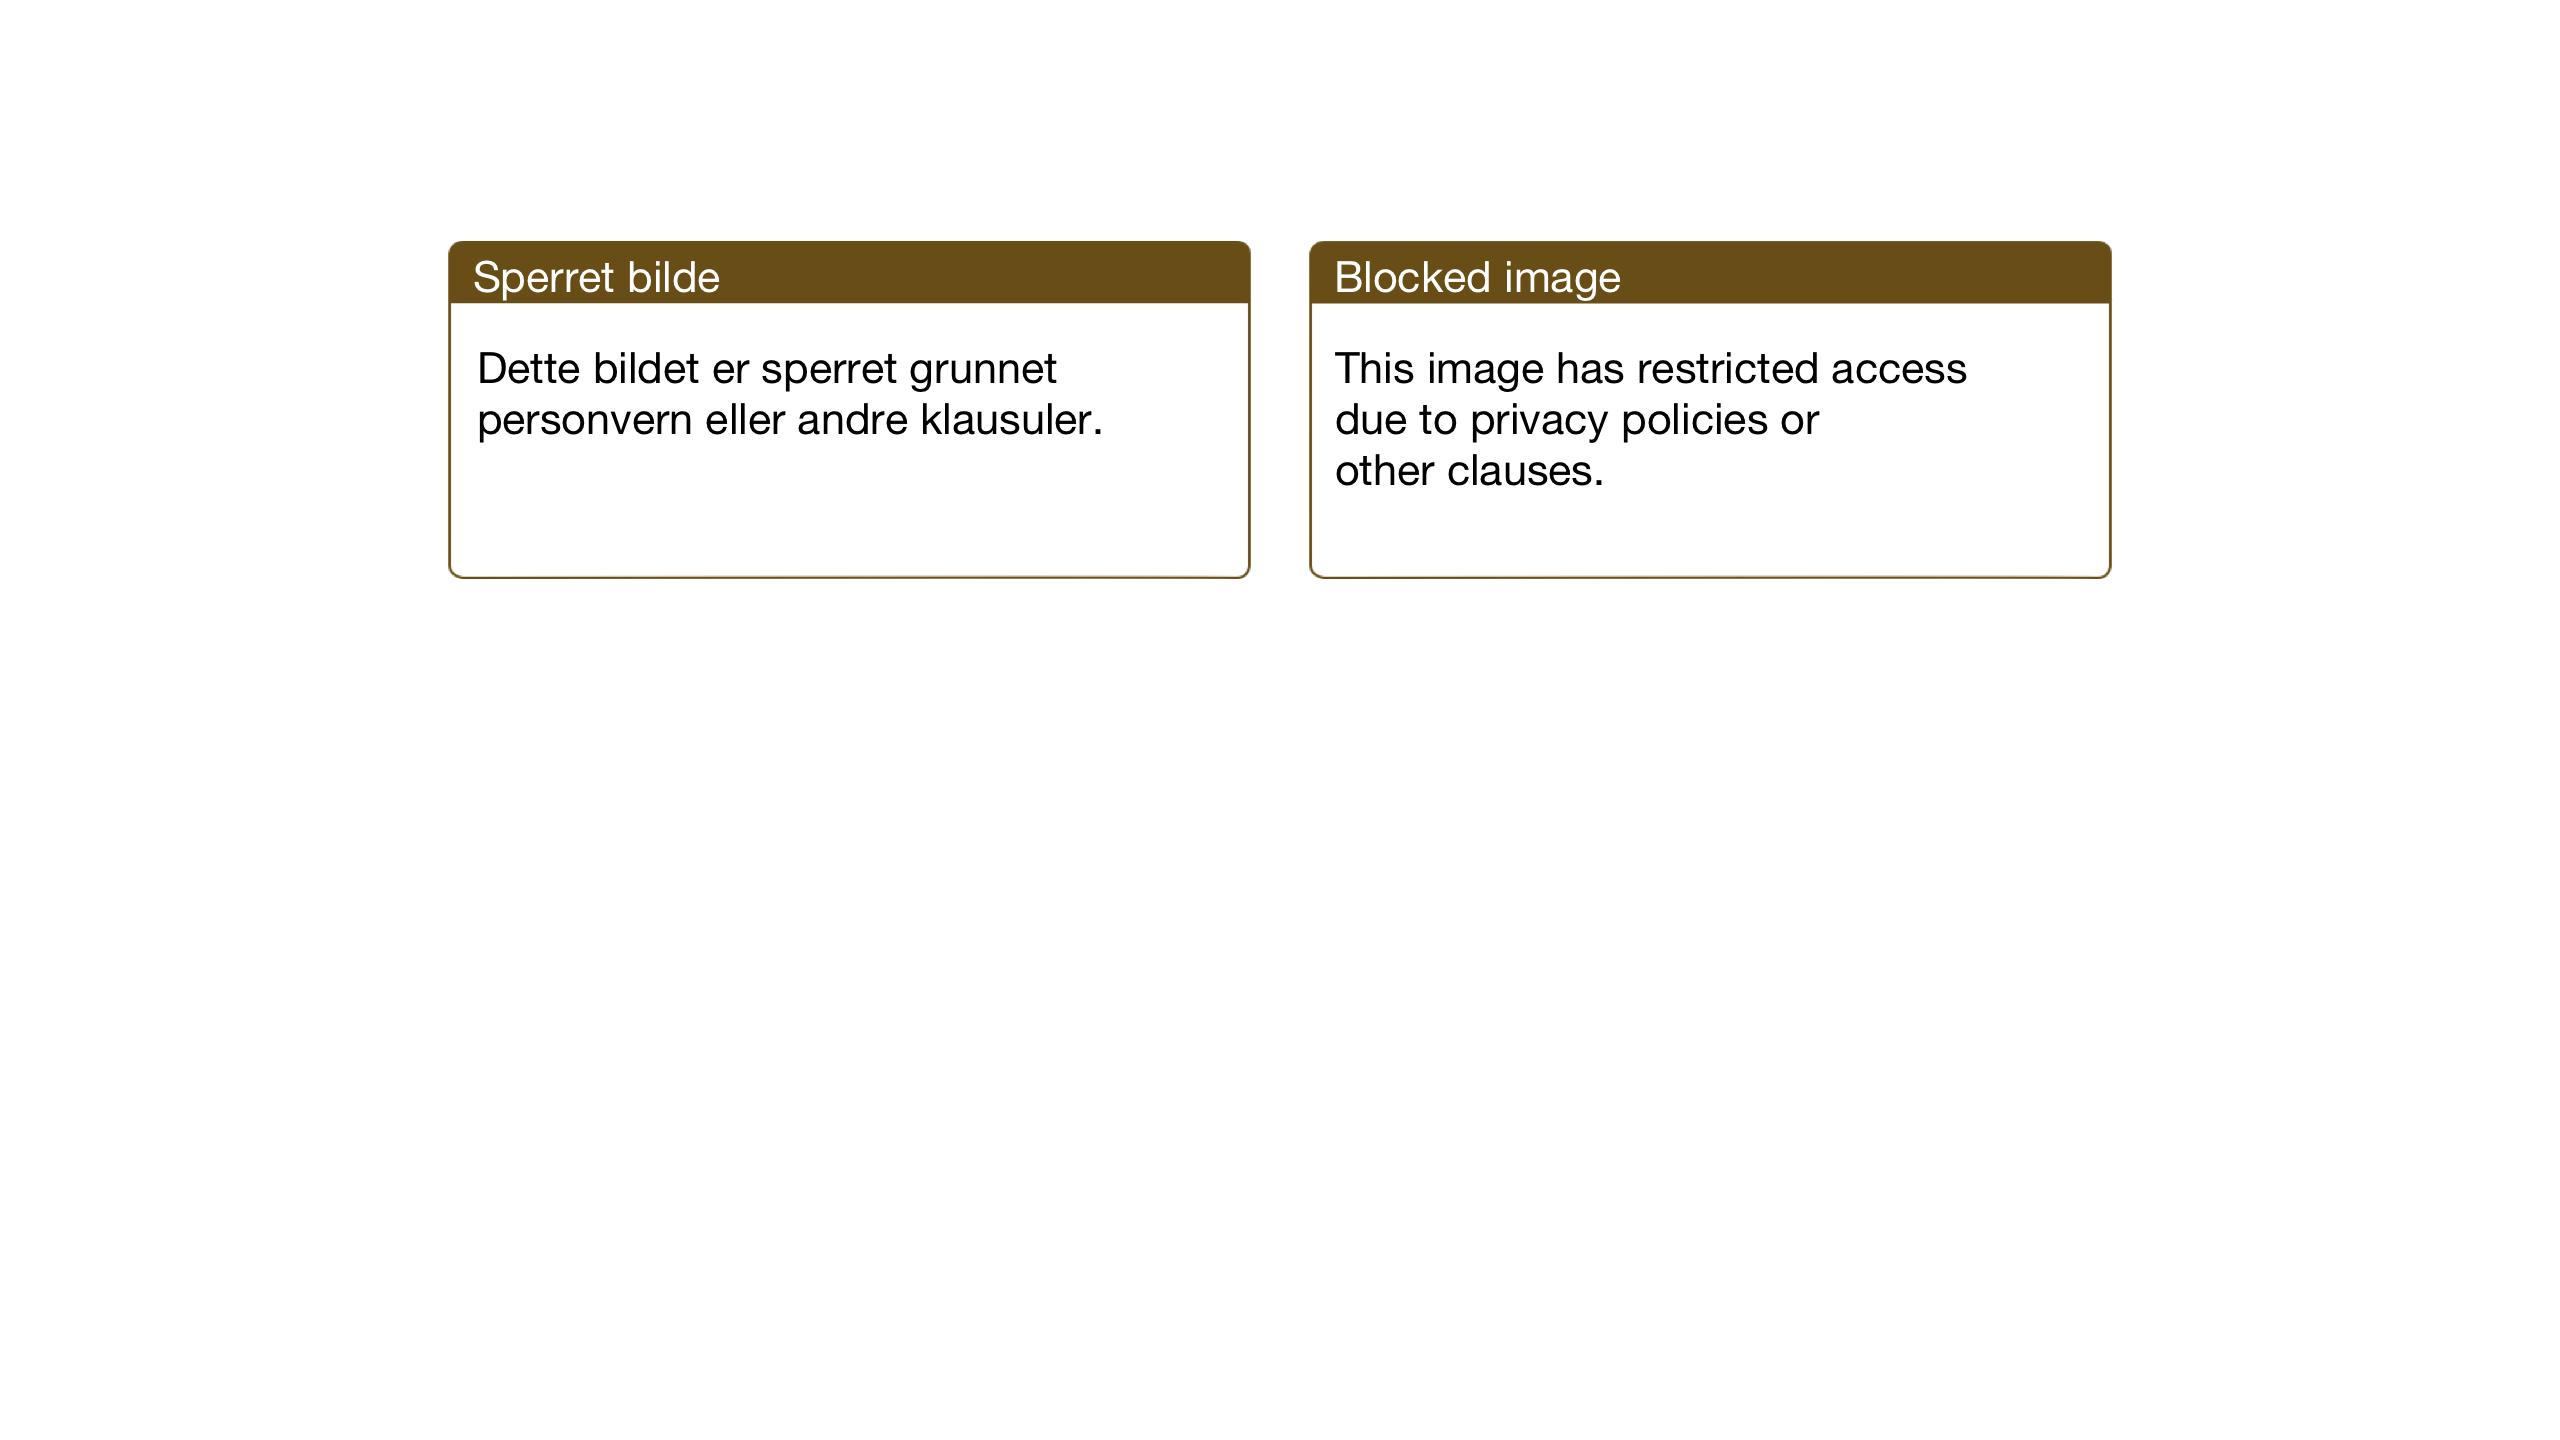 SAT, Ministerialprotokoller, klokkerbøker og fødselsregistre - Sør-Trøndelag, 669/L0832: Klokkerbok nr. 669C02, 1925-1953, s. 63